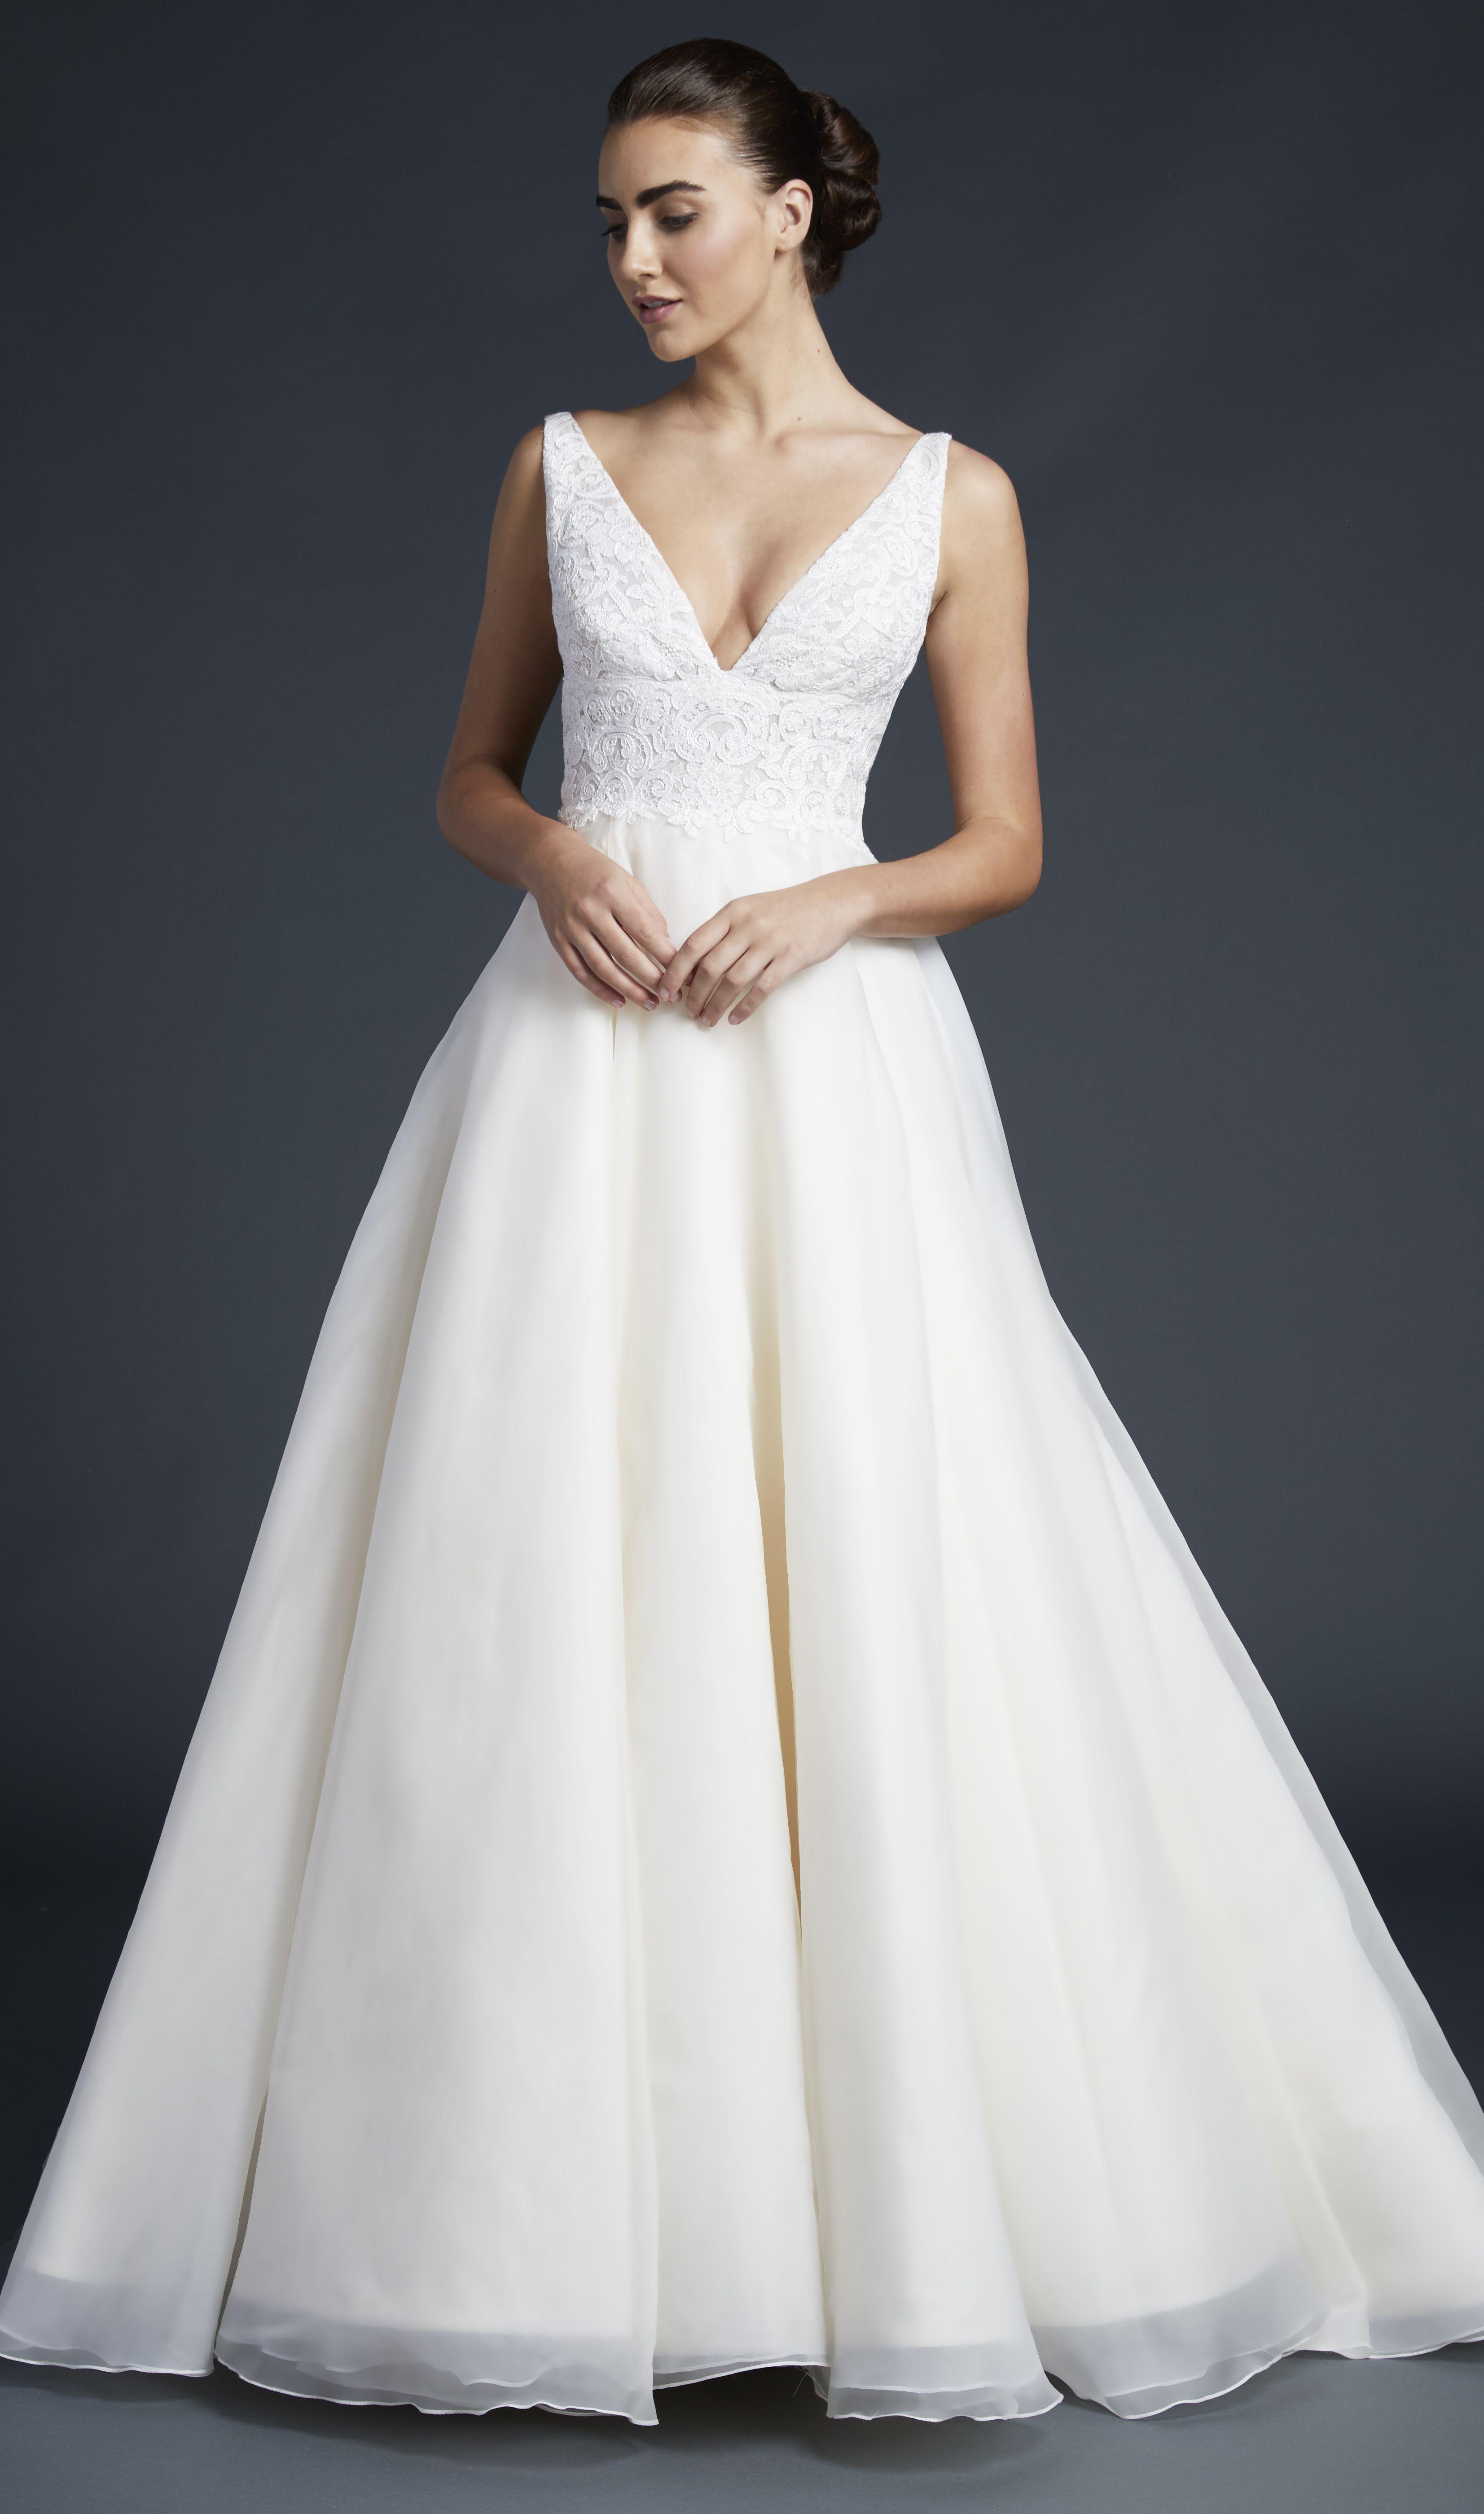 Fowler Gown Wedding Dress Organza Wedding Dresses Kleinfeld Organza Wedding Dress